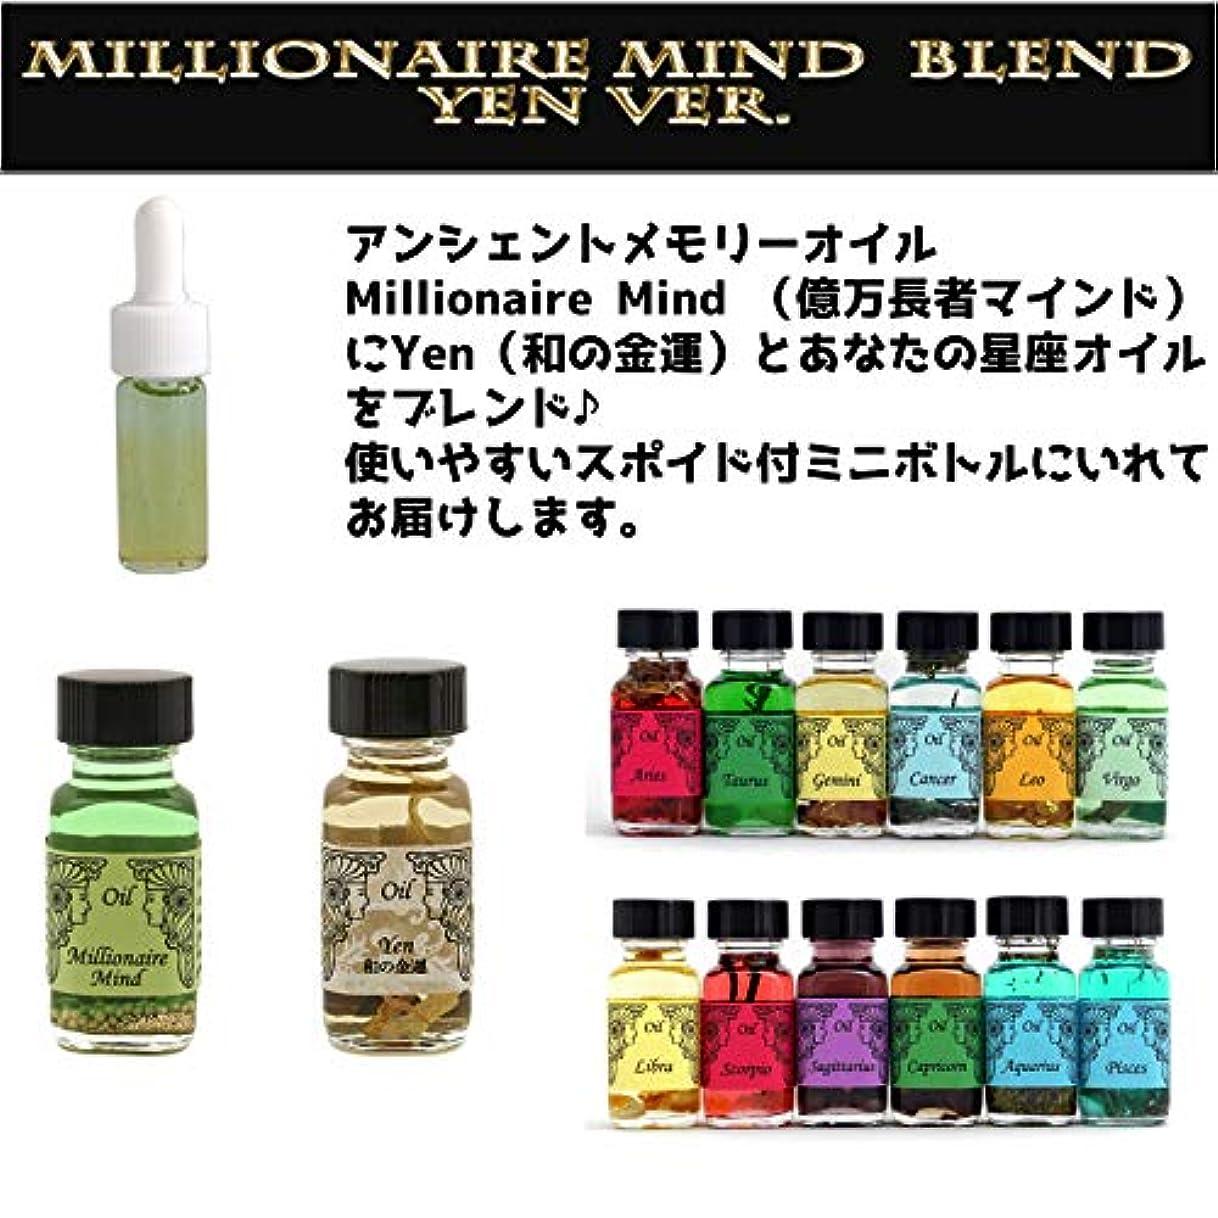 収入ファイル関税アンシェントメモリーオイル Millionaire Mind 億万長者マインド ブレンド【Yen 和の金運&しし座】